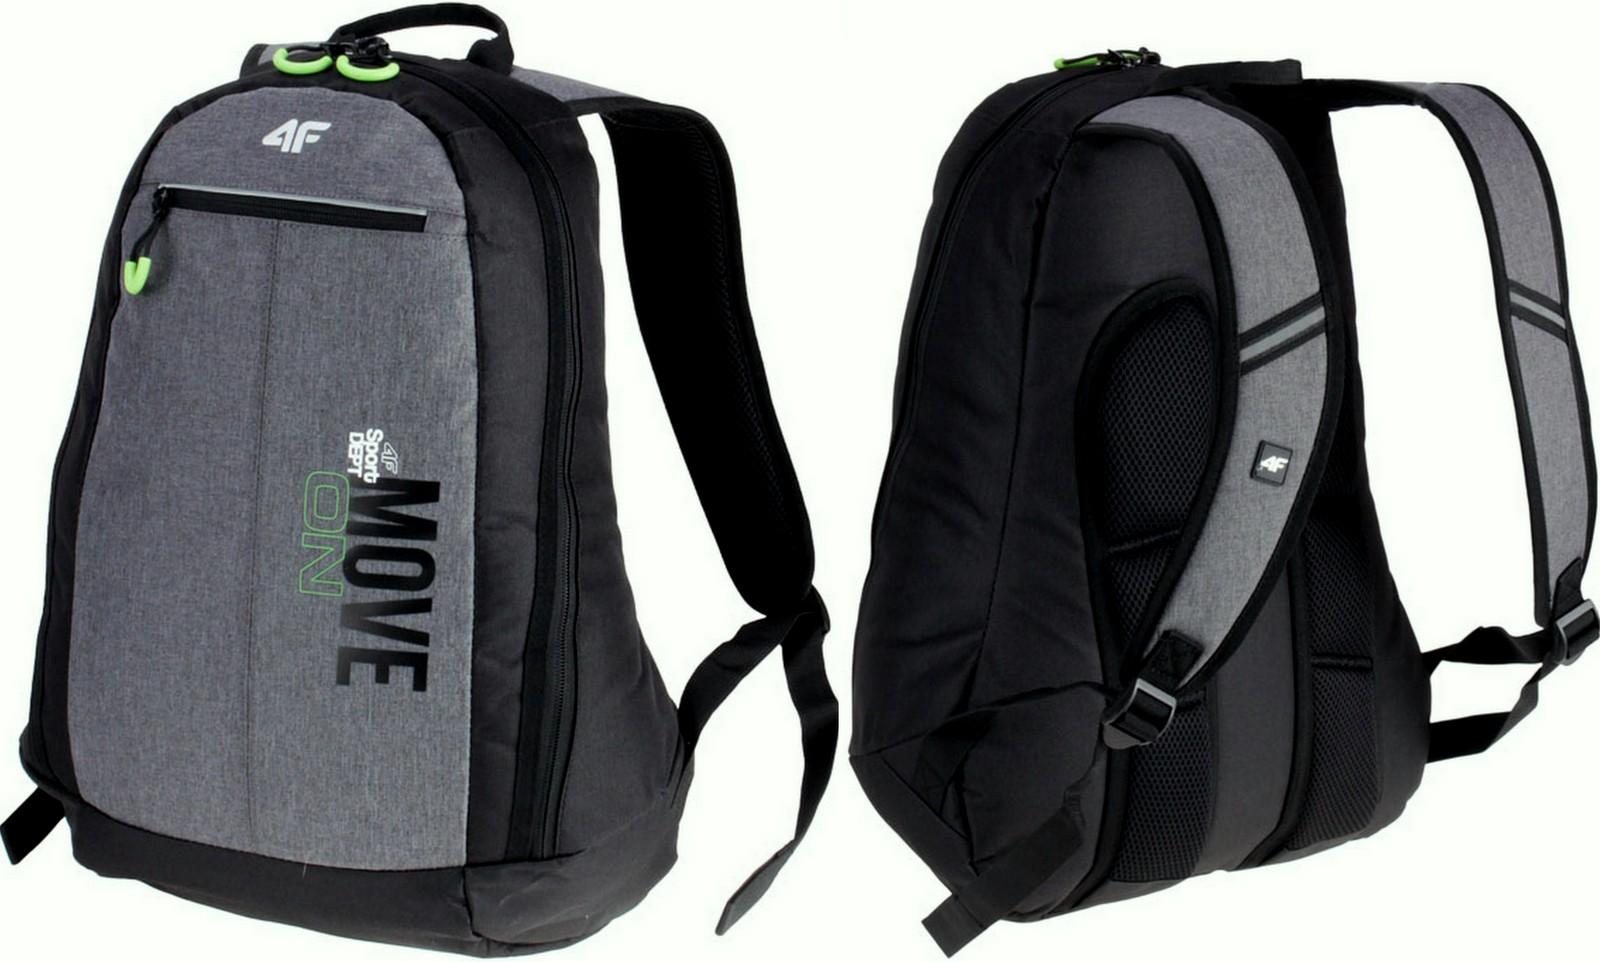 Mestský, školský, športový batoh L17 PCU002 20L 4F